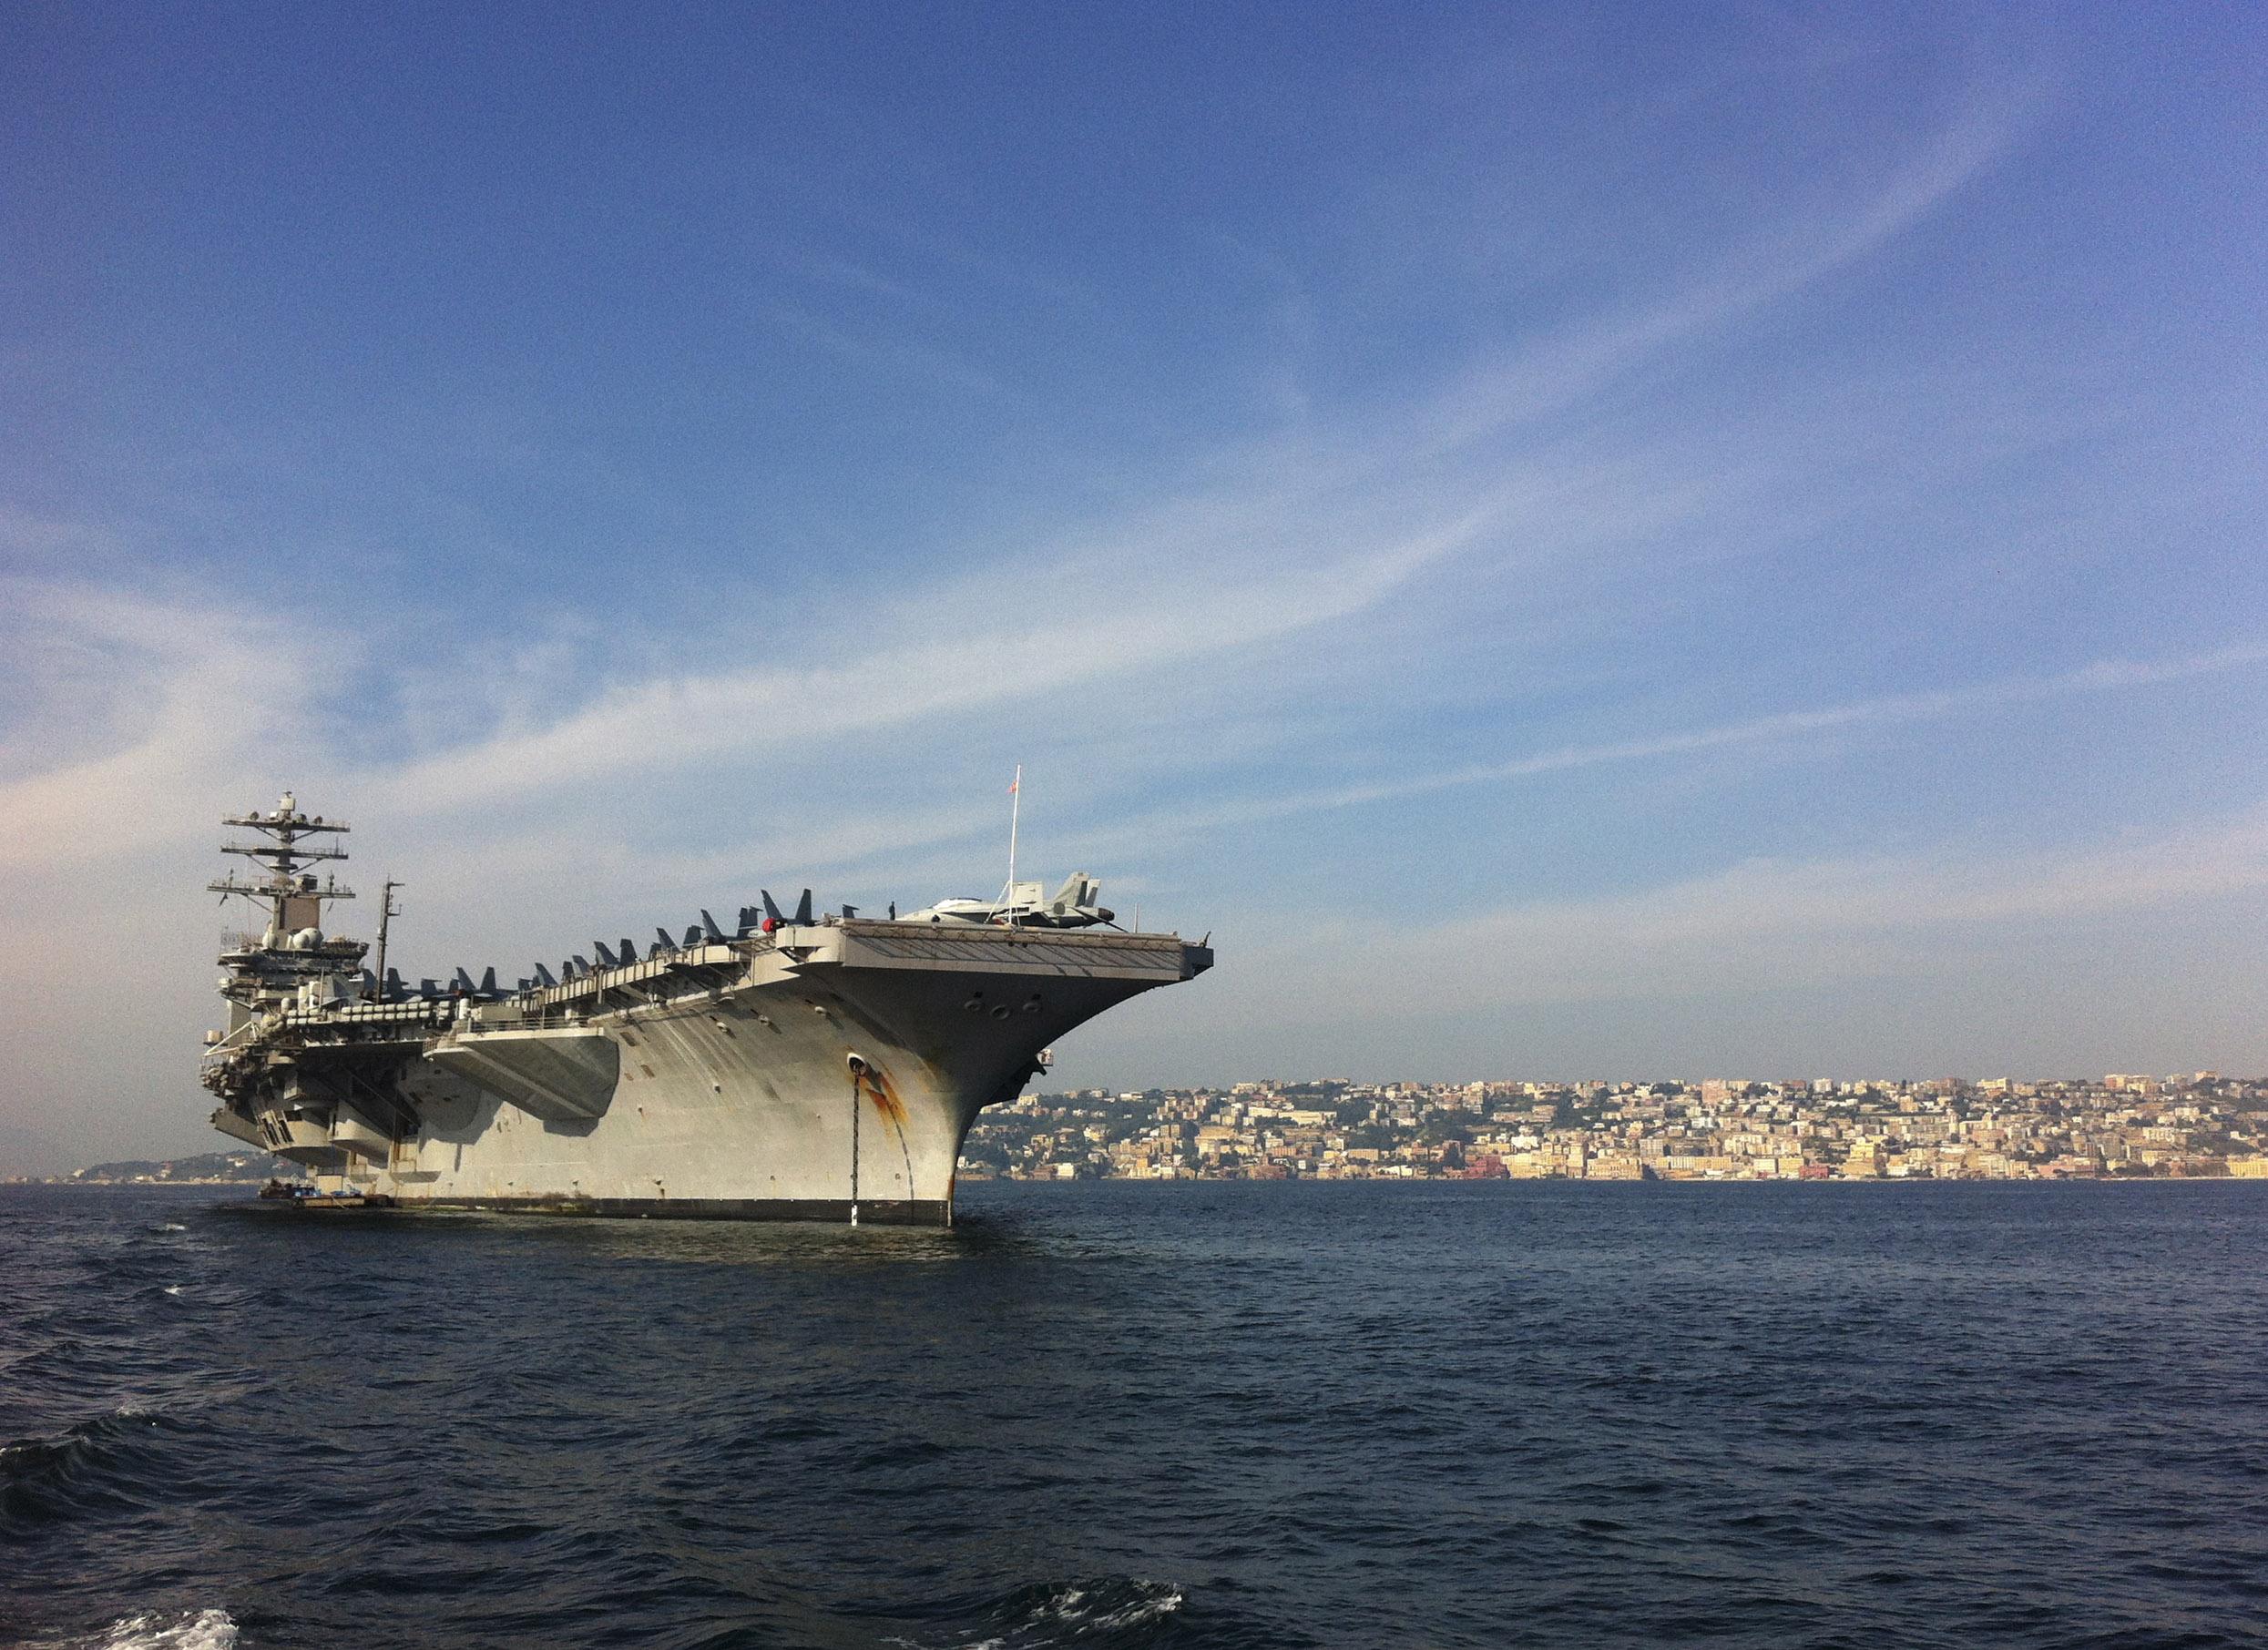 USS NIMITZ CVN-68 am 01.11.2013 vor NeapelBild: U.S. Navy